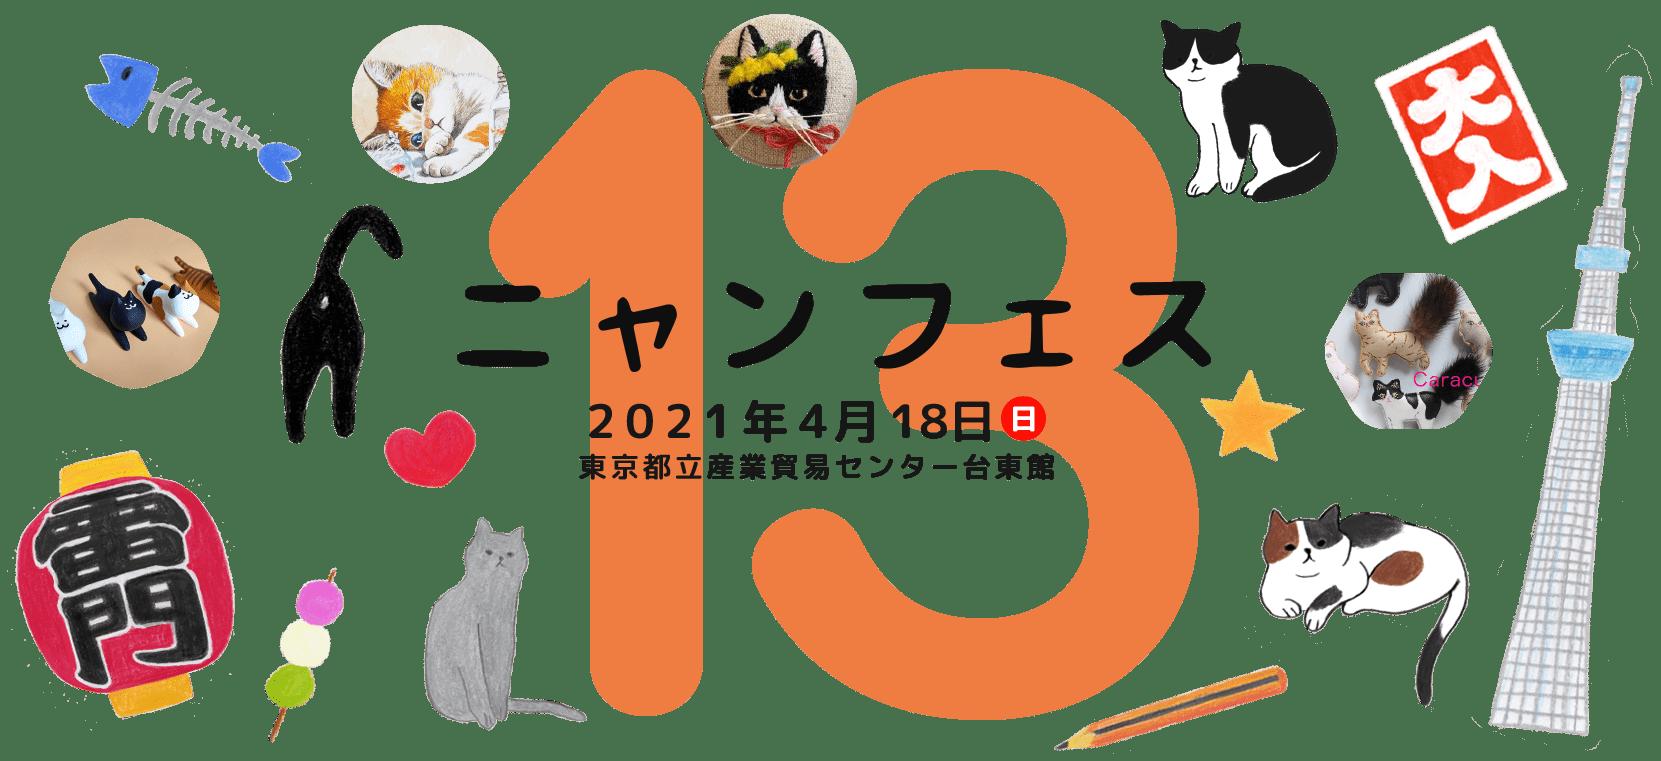 猫好きによる猫好きのための猫イベント 『ニャンフェス13』が4月18日に開催予定!